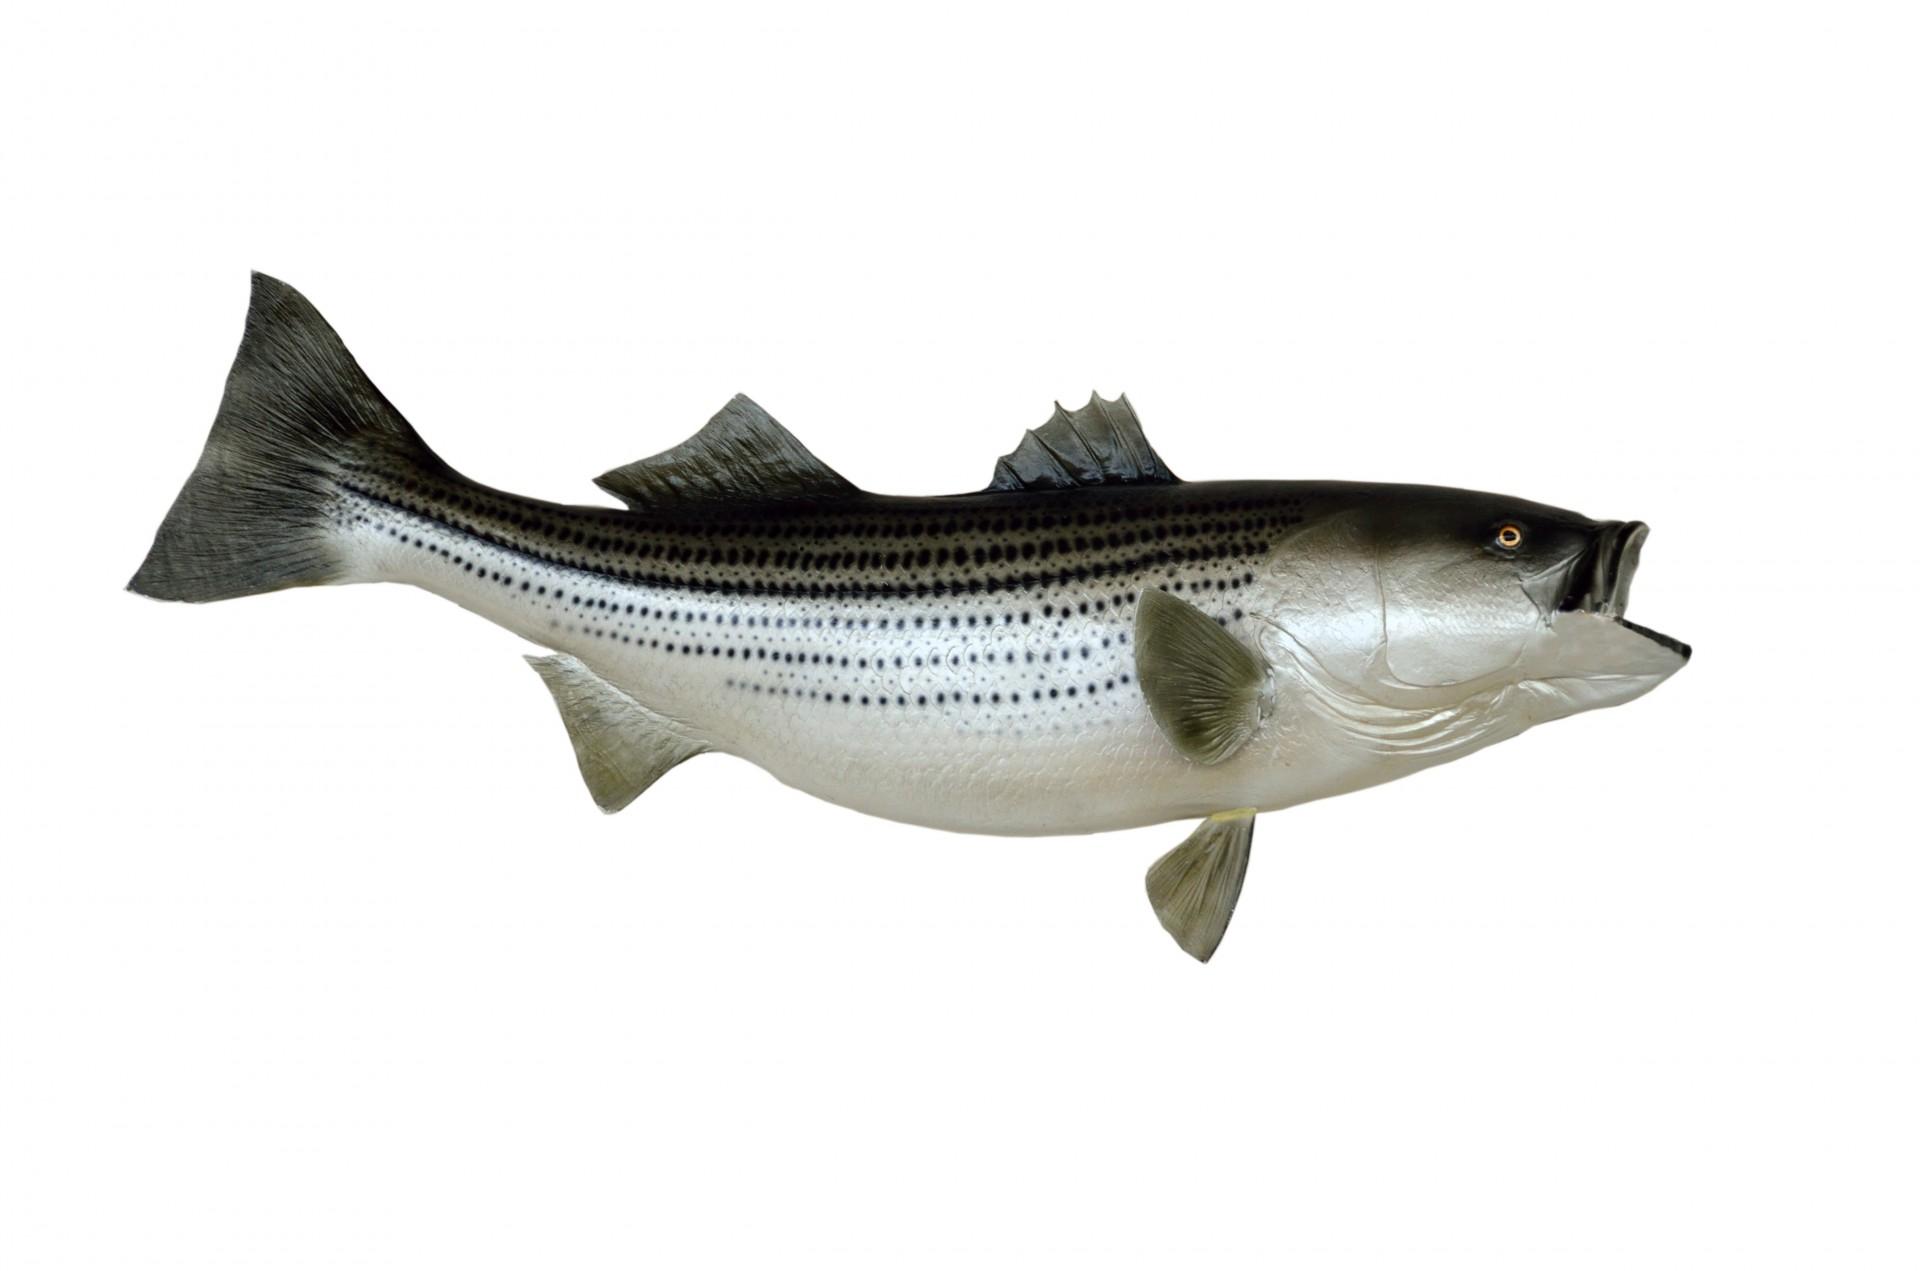 A striped bass